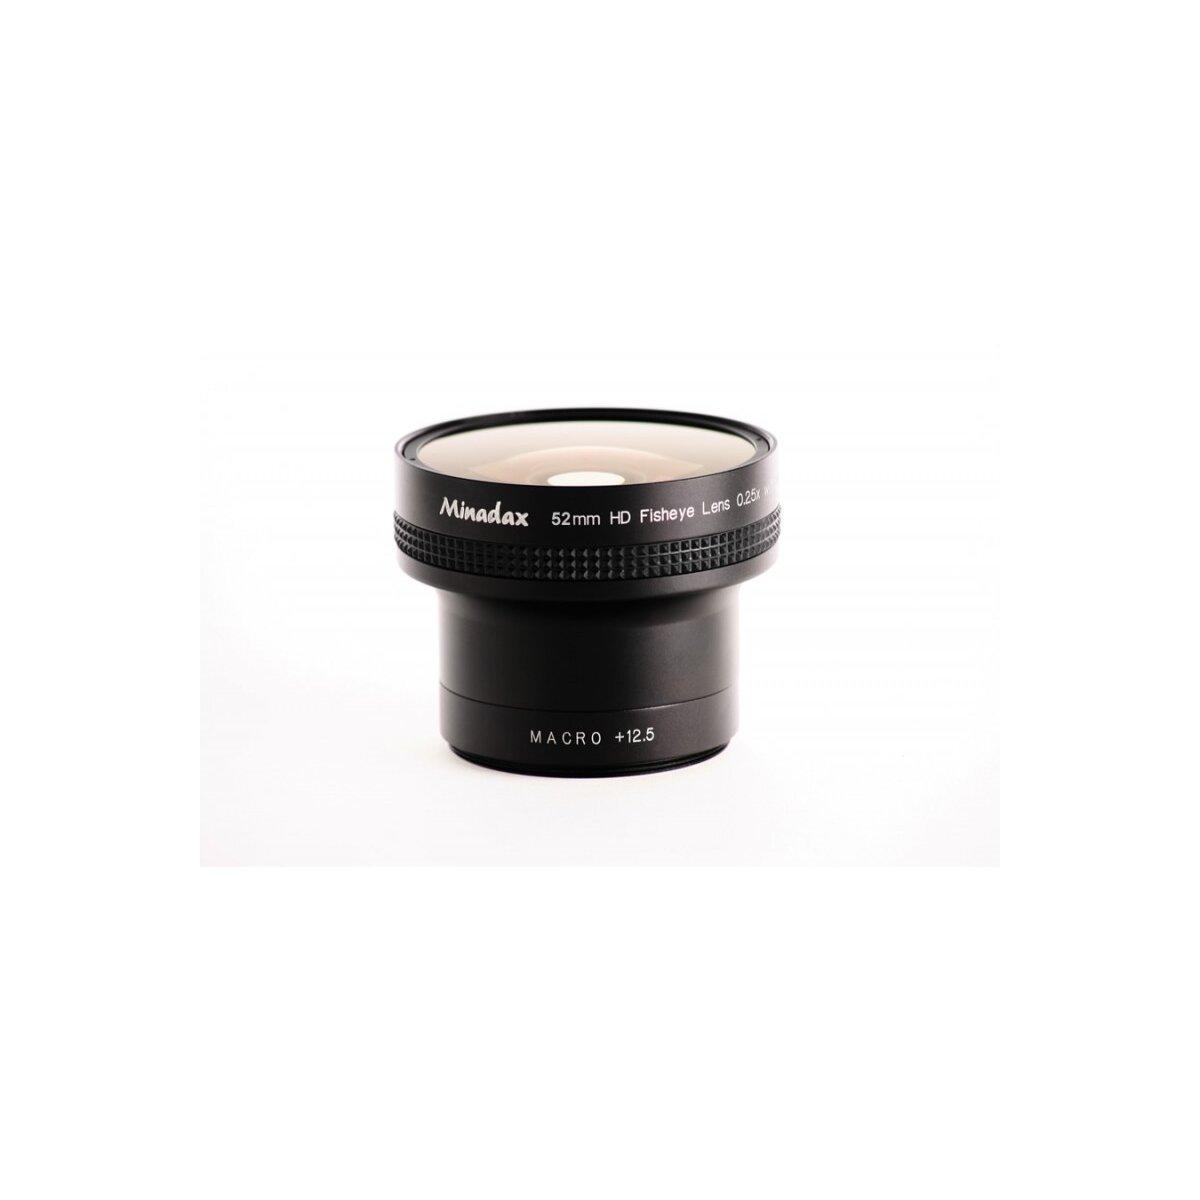 Minadax 0.25x Fisheye Vorsatz kompatibel mit Canon LEGRIA HF M41, LEGRIA HF M46, LEGRIA HF M406 - in schwarz